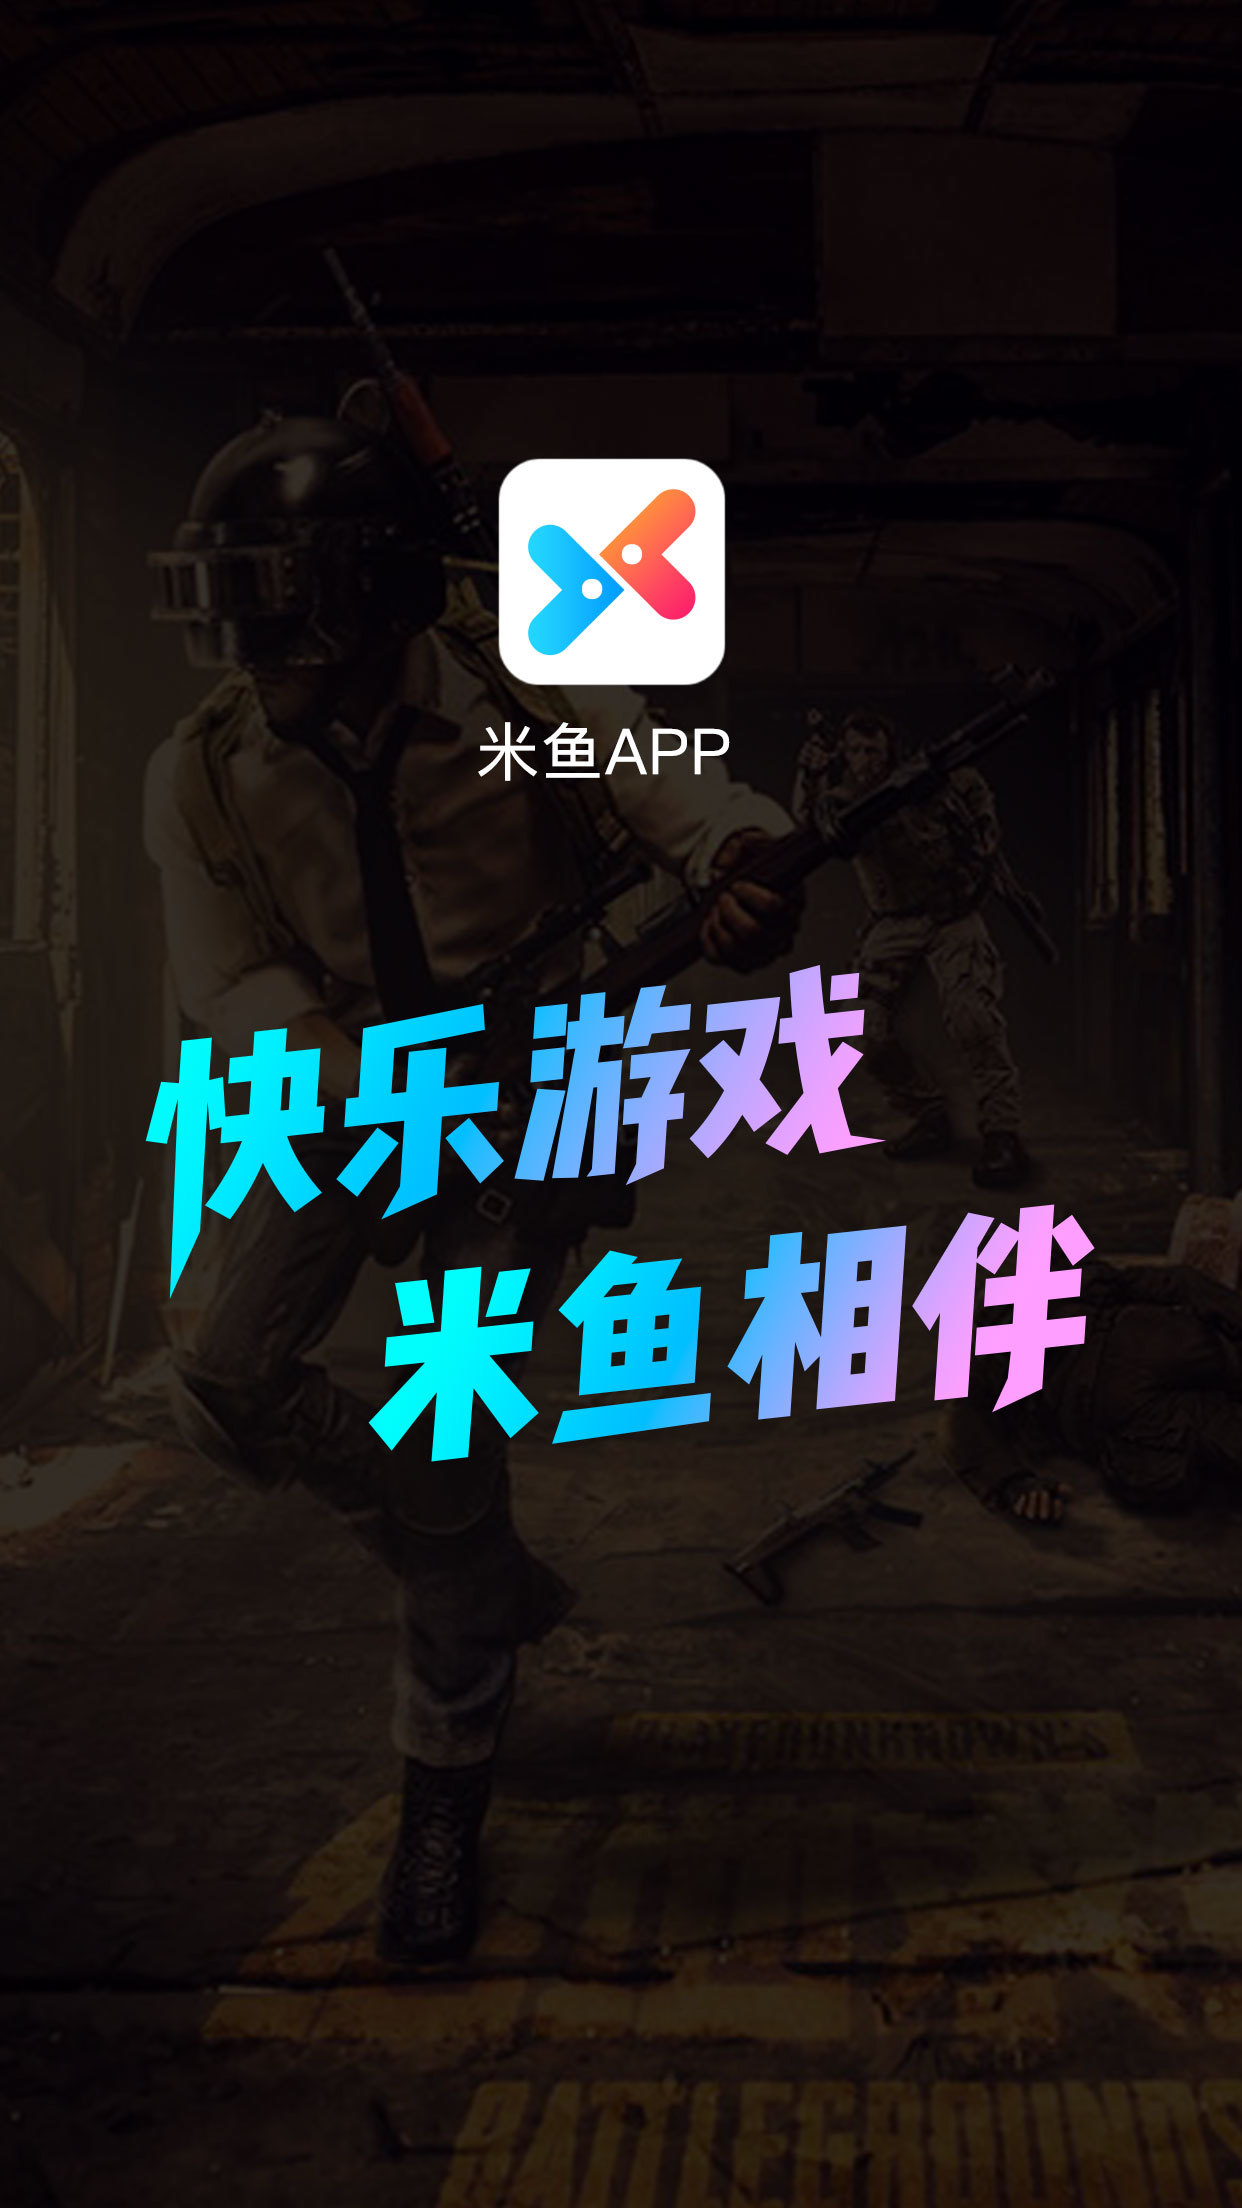 米鱼约玩app图1